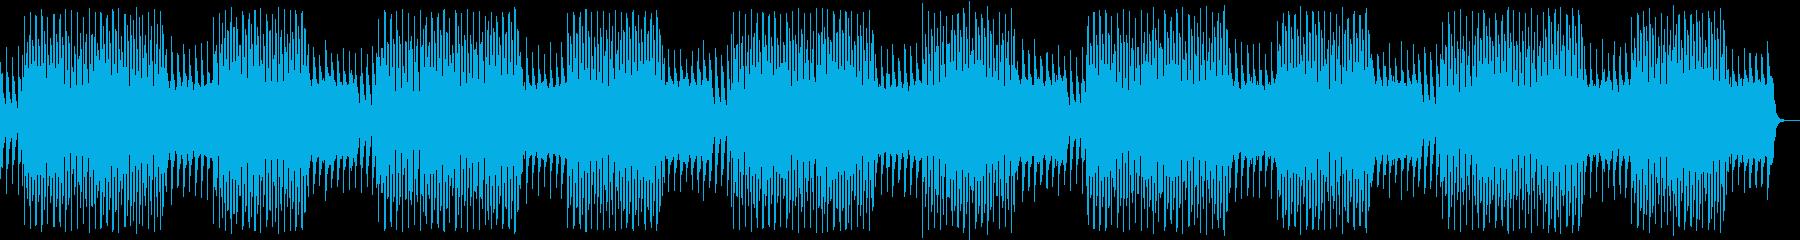 爽やかなチルアウトの再生済みの波形